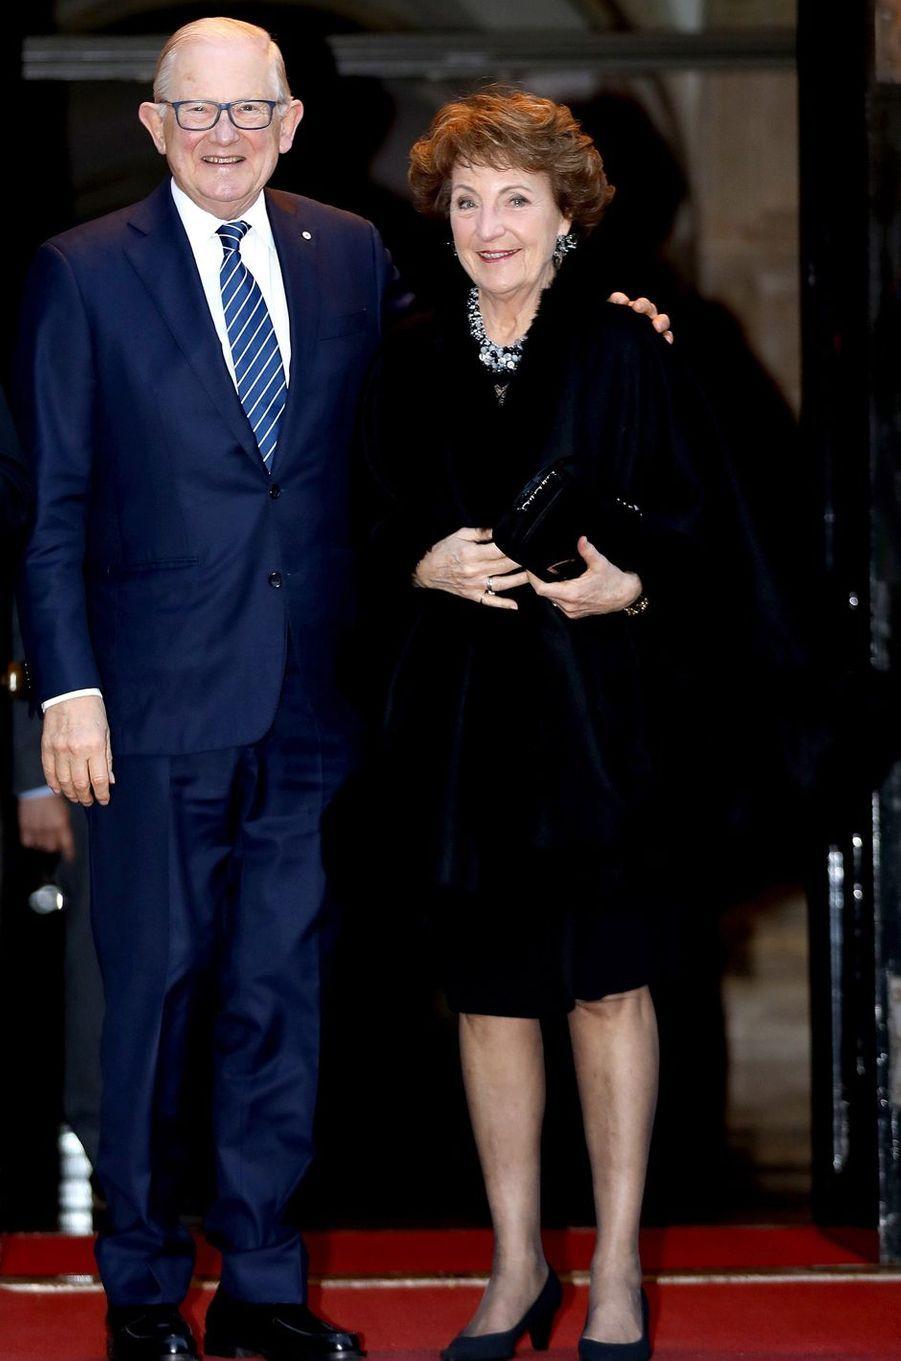 La princesse Margriet des Pays-Bas et son mari Pieter van Vollenhoven à Amsterdam, le 3 février 2018